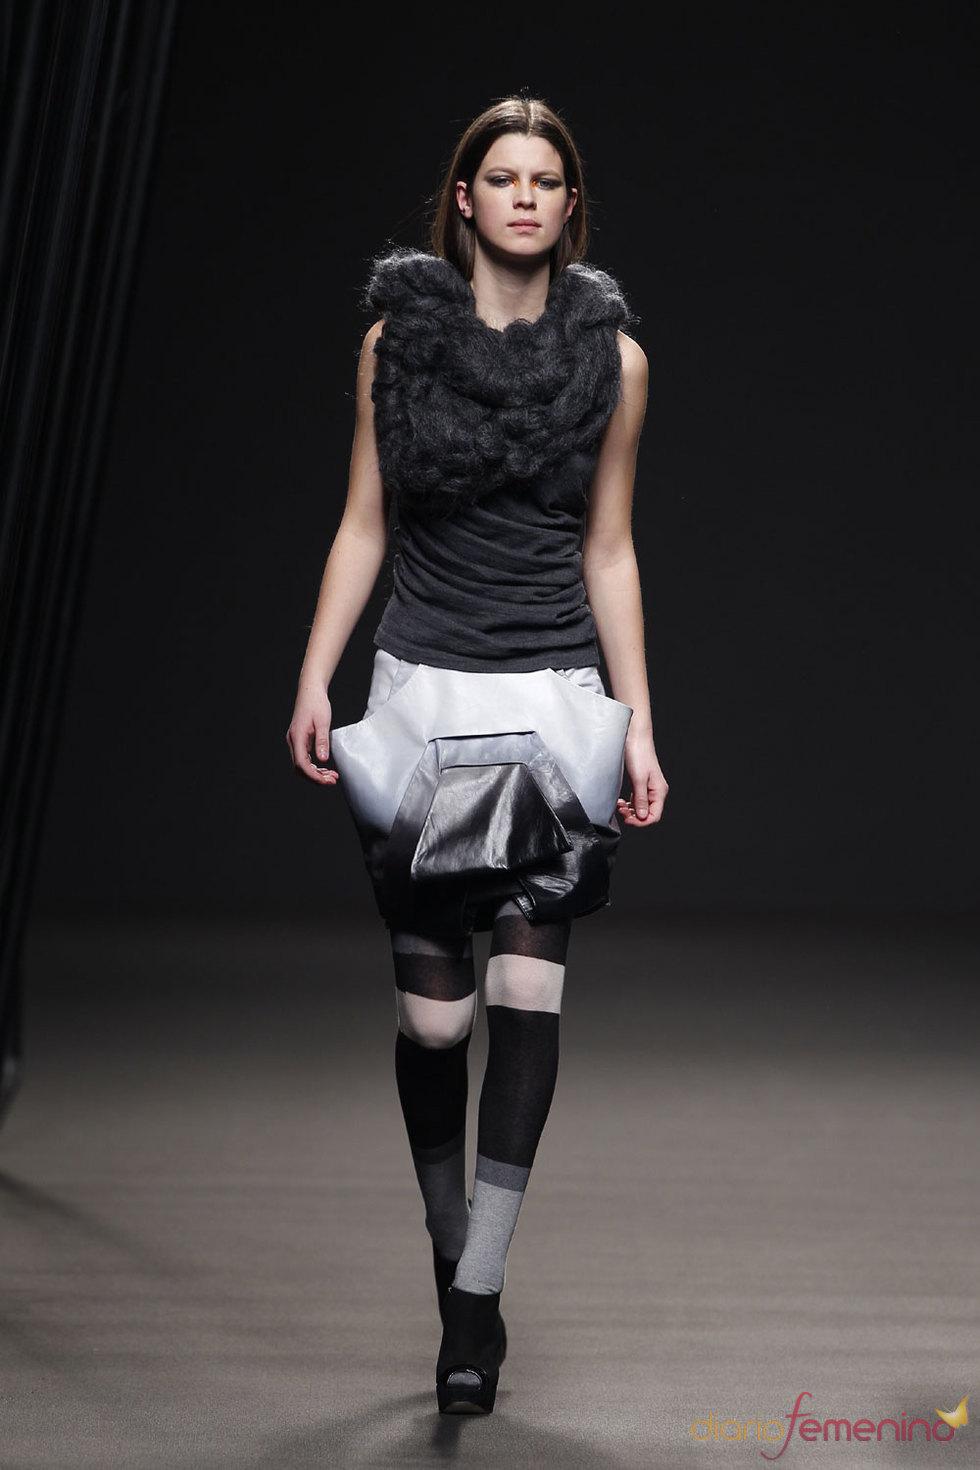 Moda Mujer en los nuevos formatos de  Amaya Arzuaga